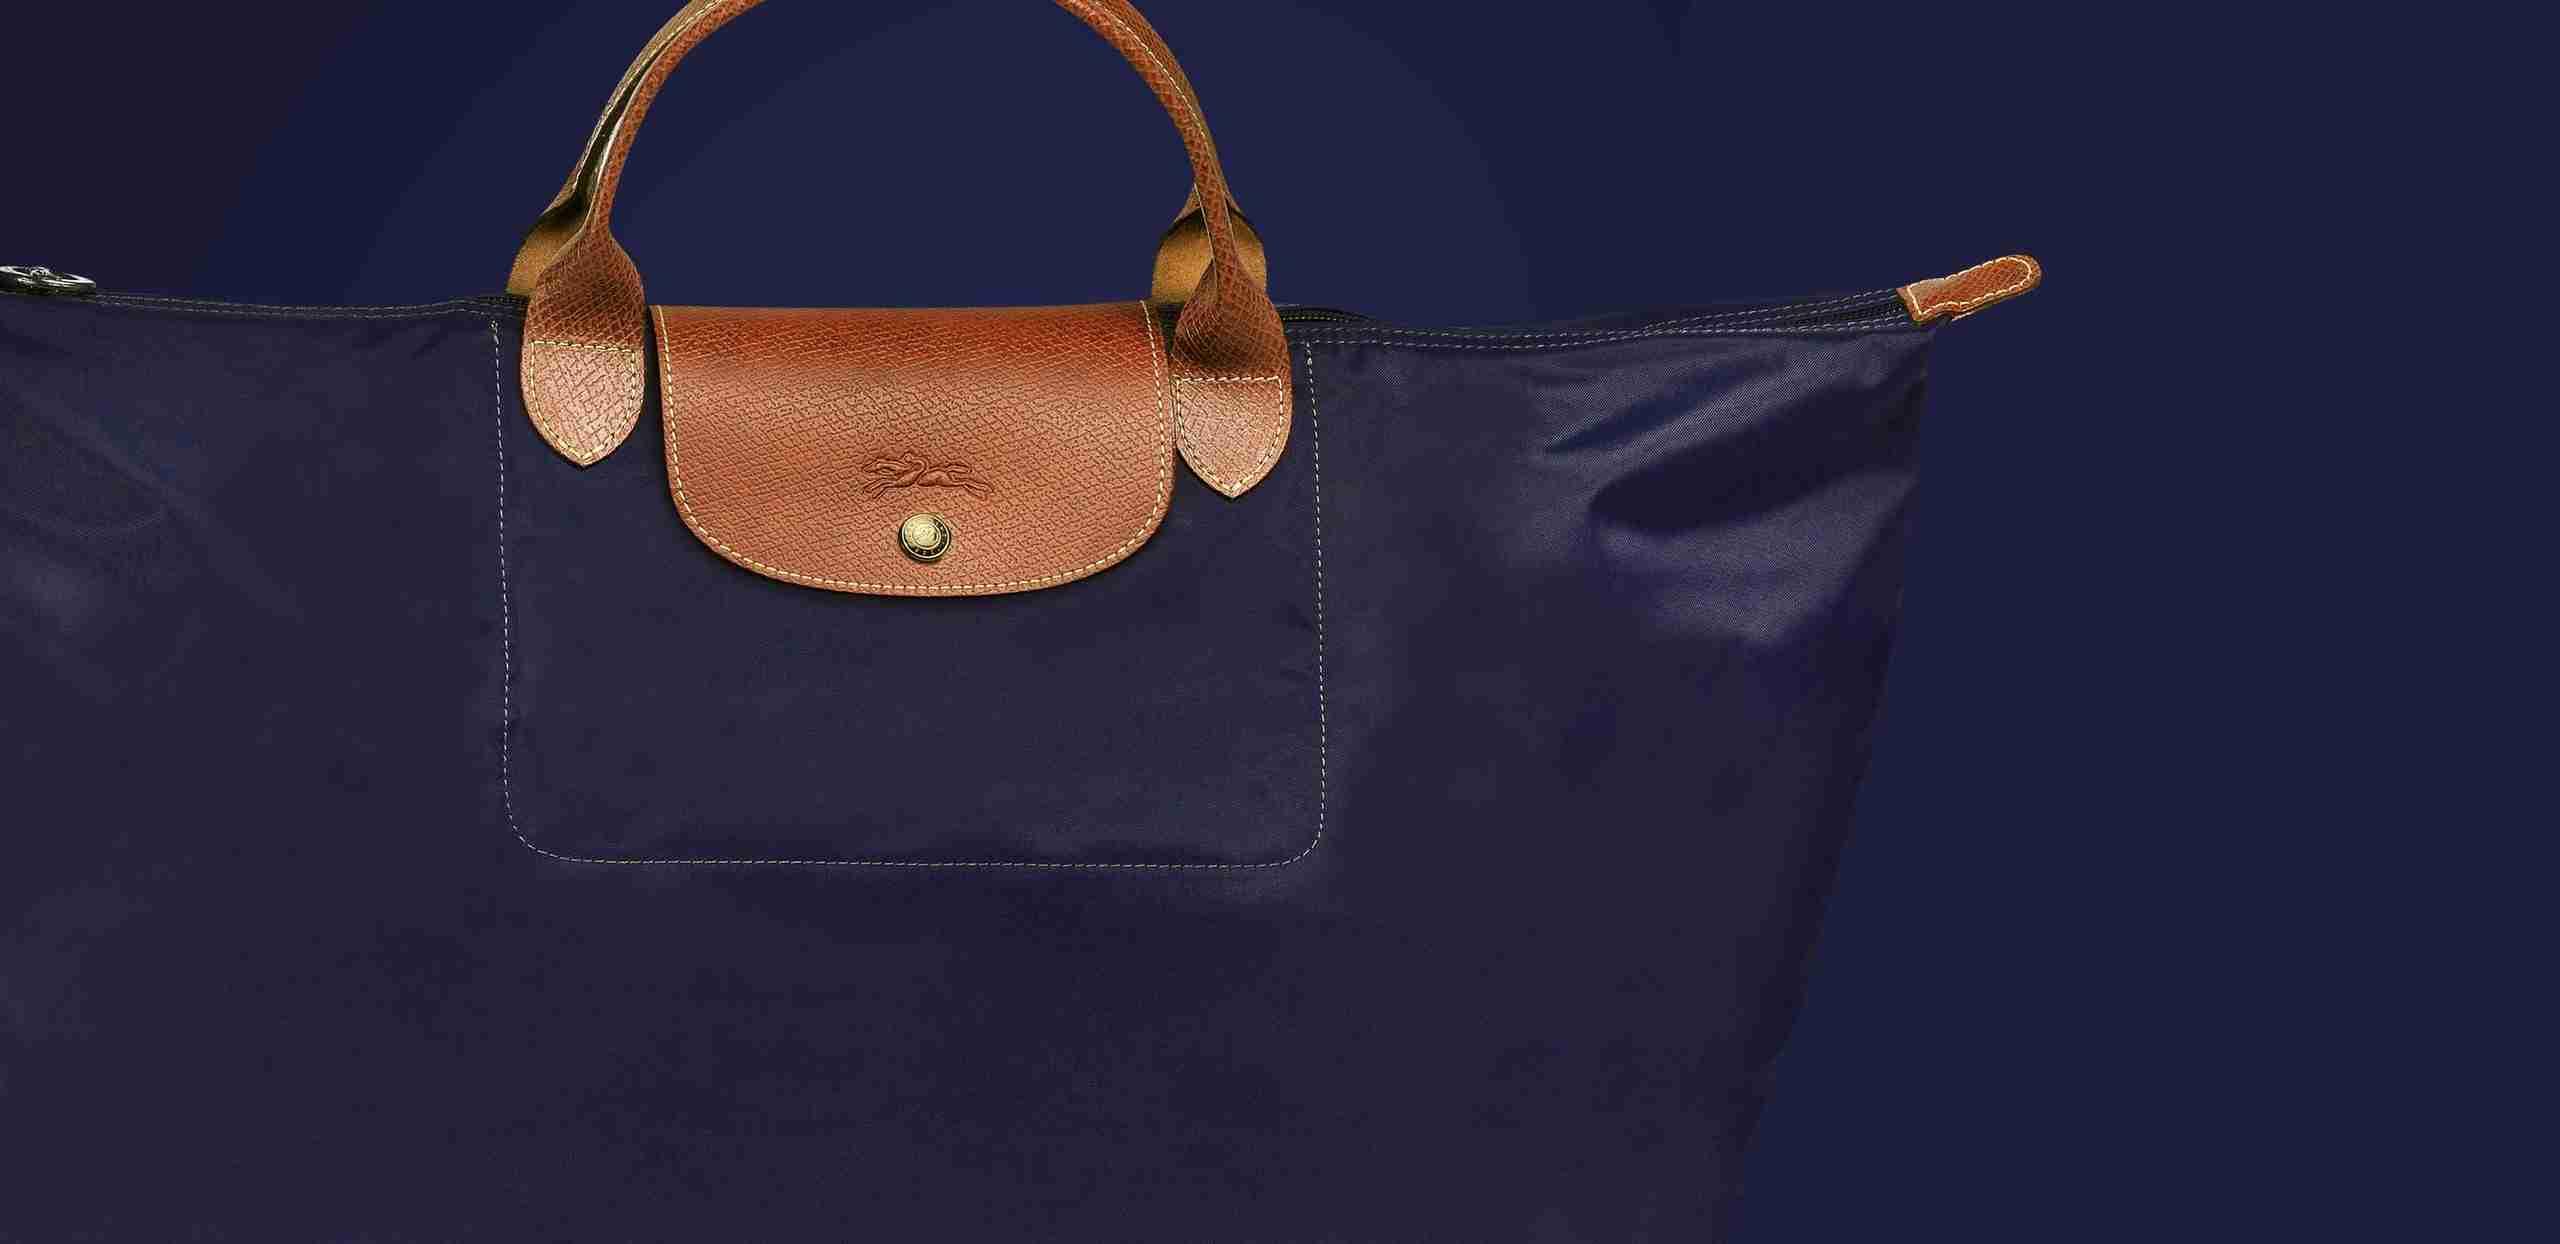 ナイロン | Longchamp 日本 - 公式サイト